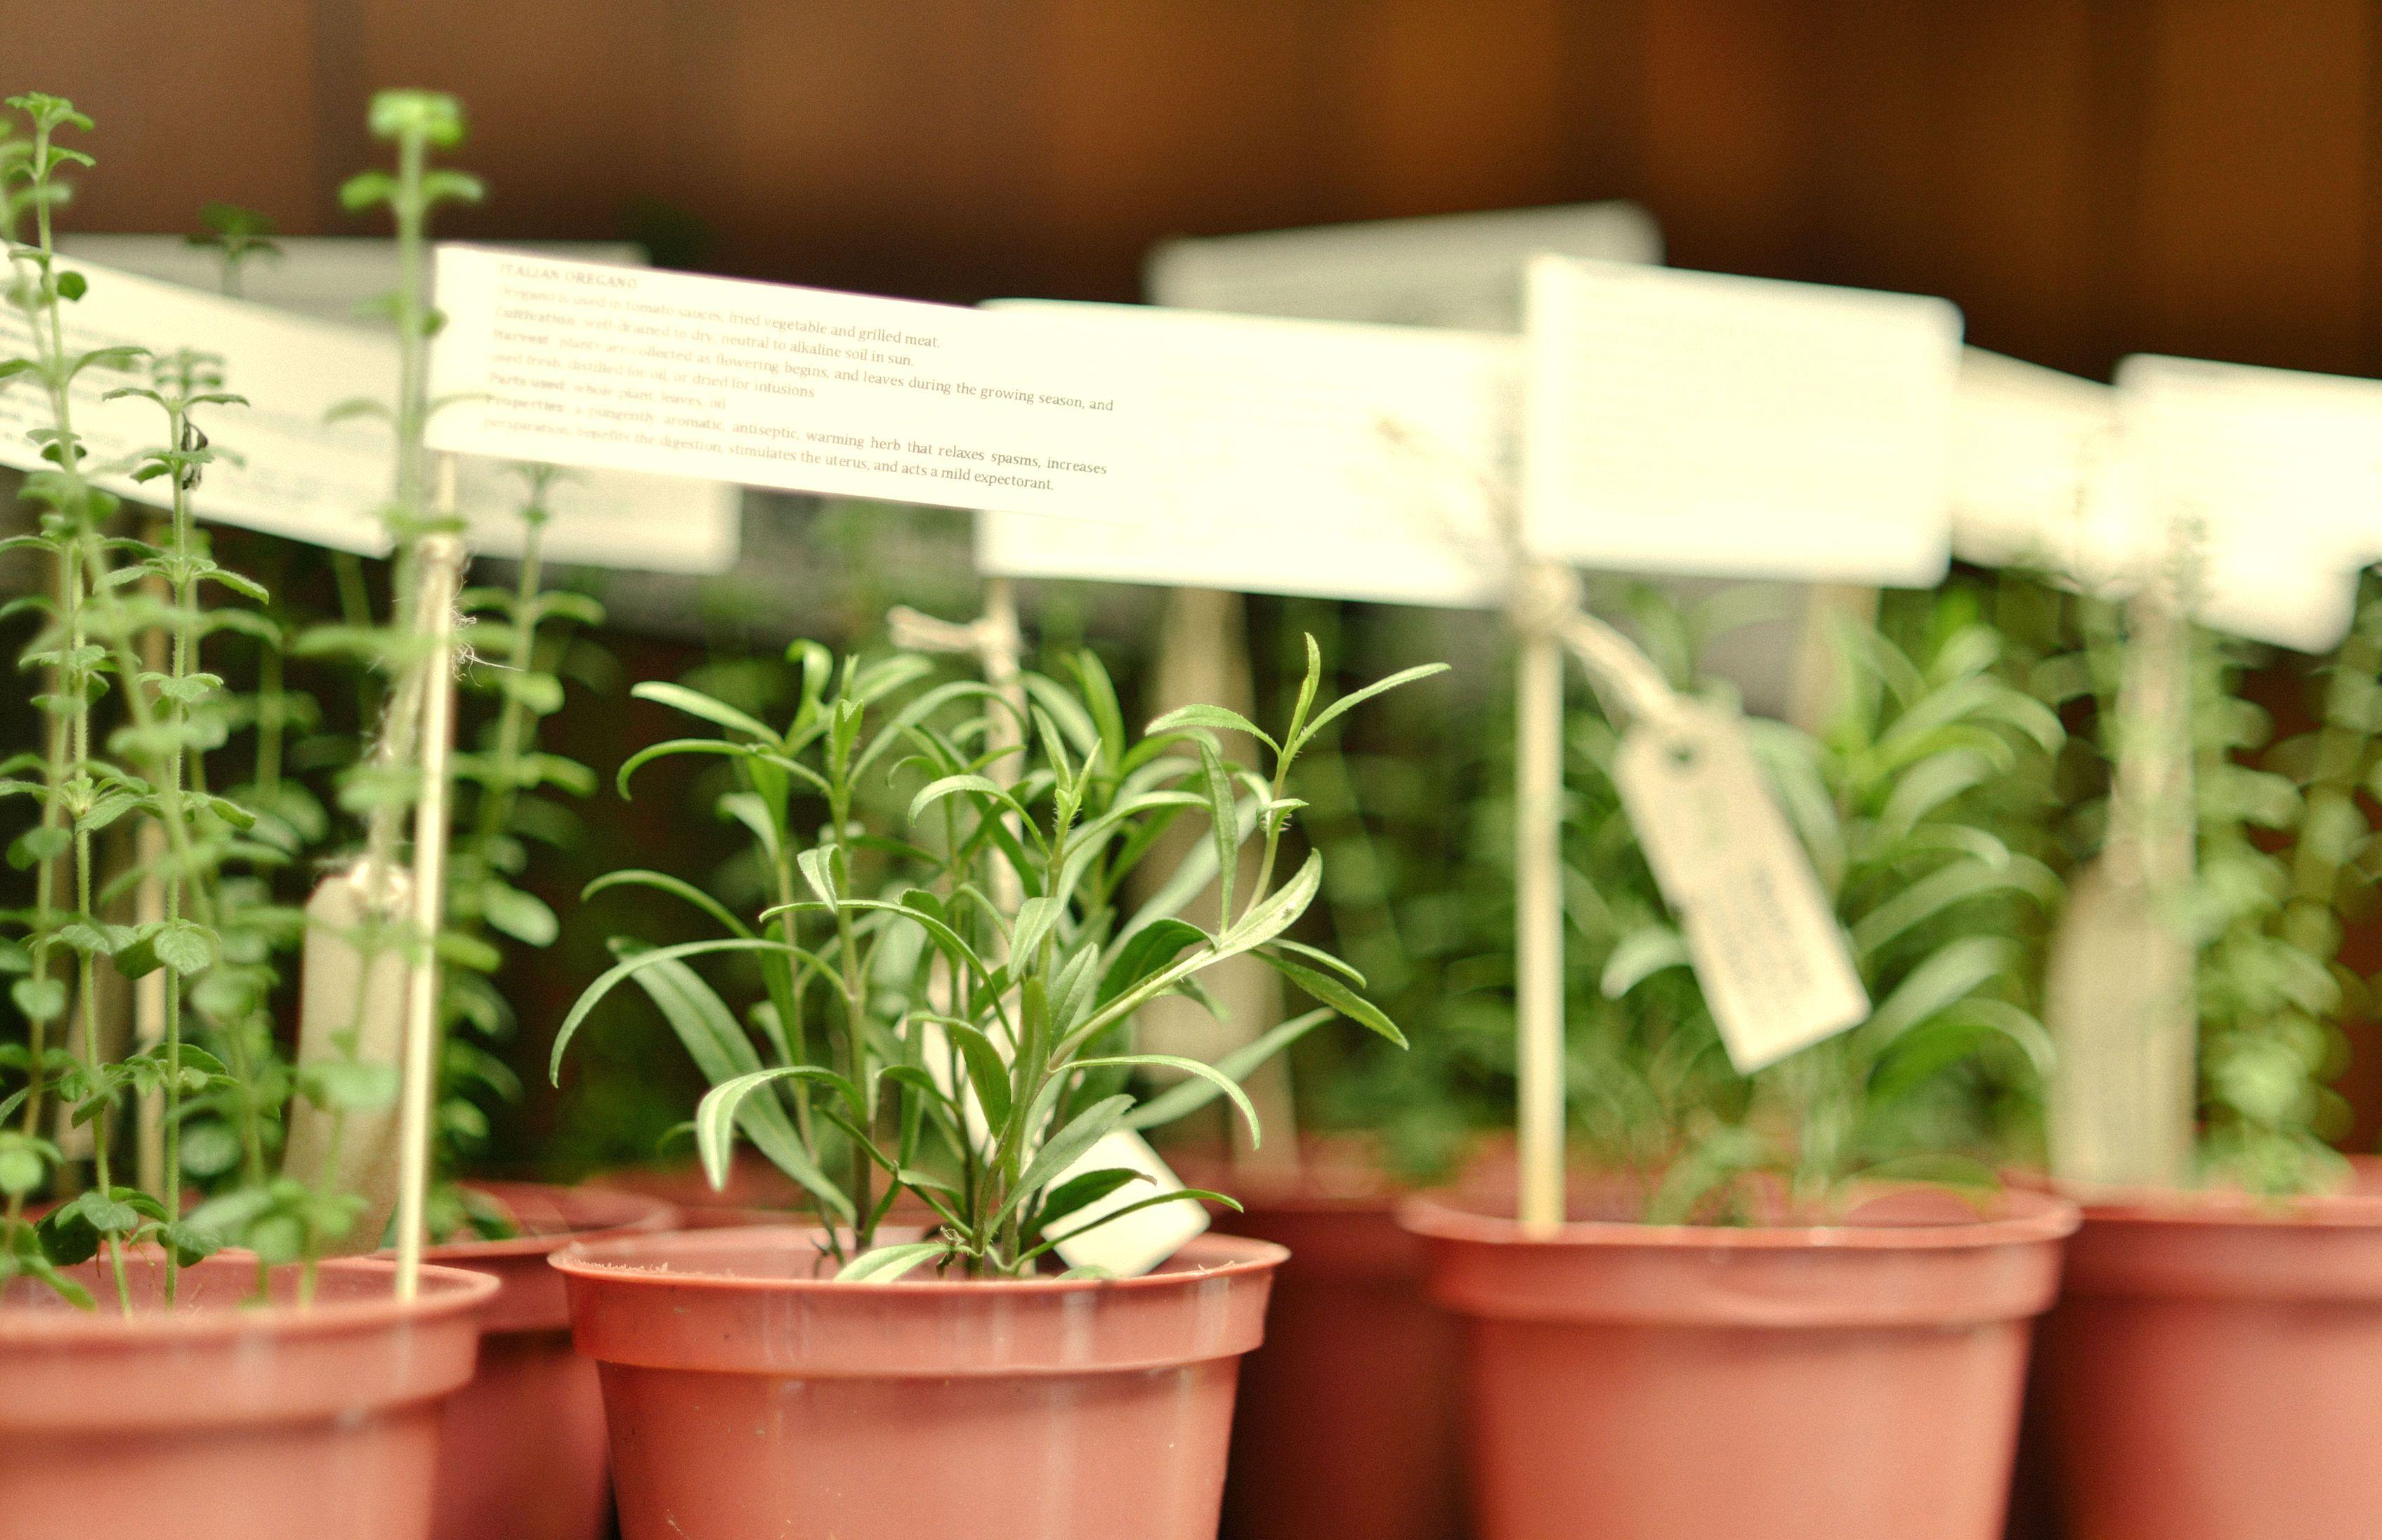 Un souvenir genial hierbas aromaticas para que los - Plantas aromaticas en la cocina ...